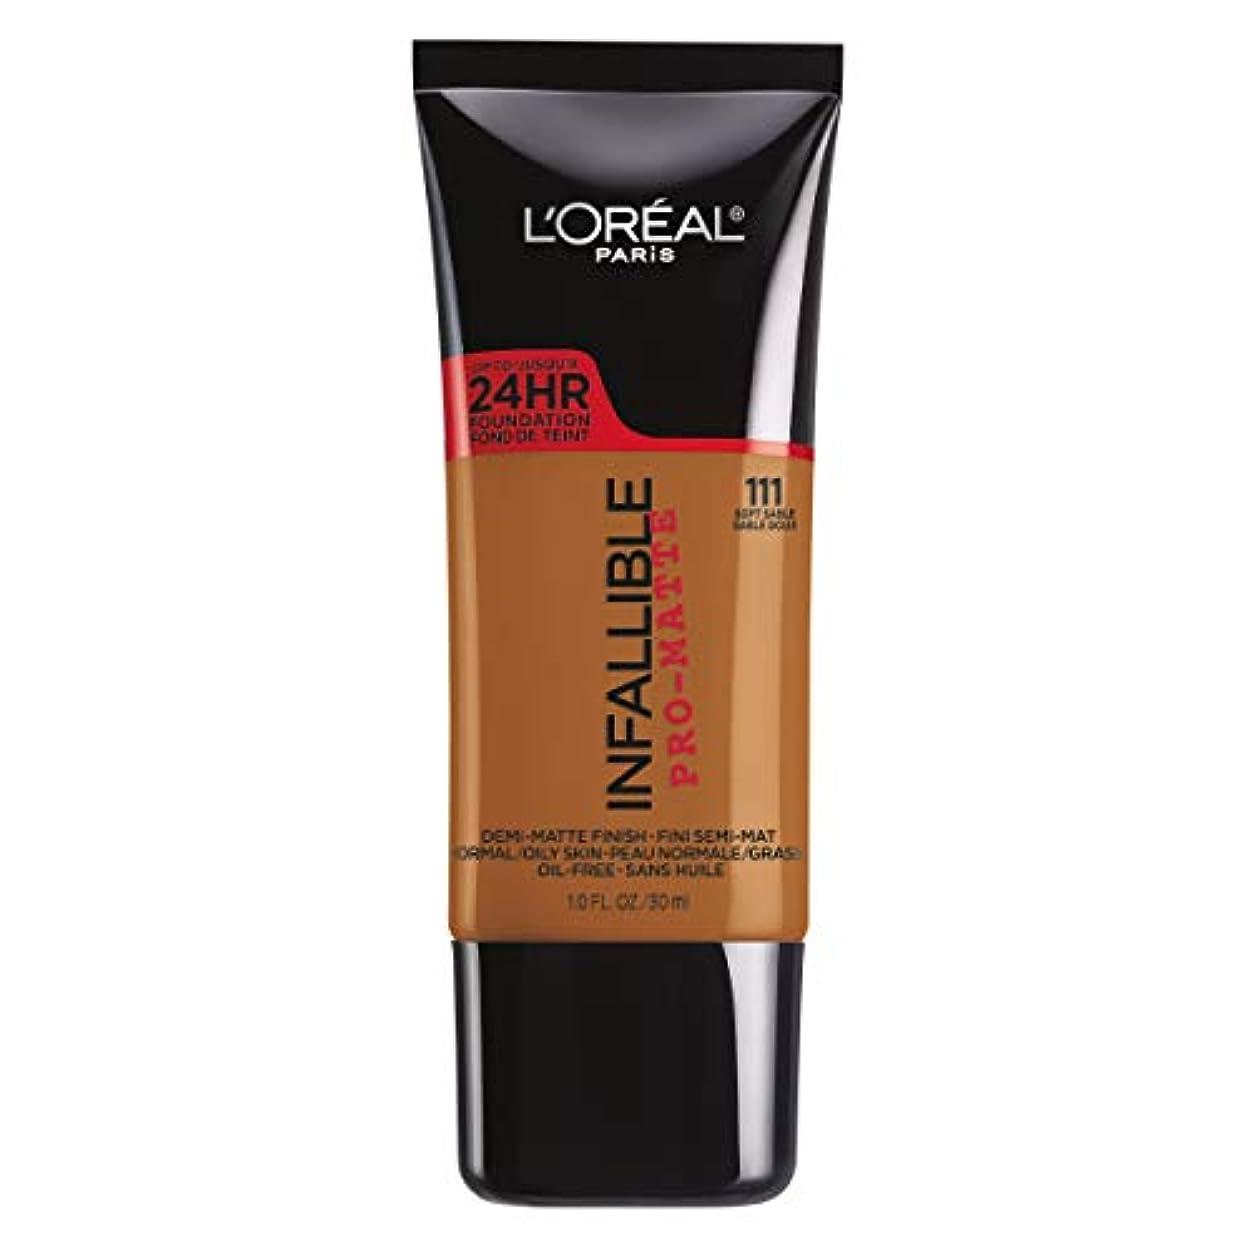 非武装化炭素愛するL'Oreal Paris Infallible Pro-Matte Foundation Makeup, 111 Soft Sable, 1 fl. oz[並行輸入品]